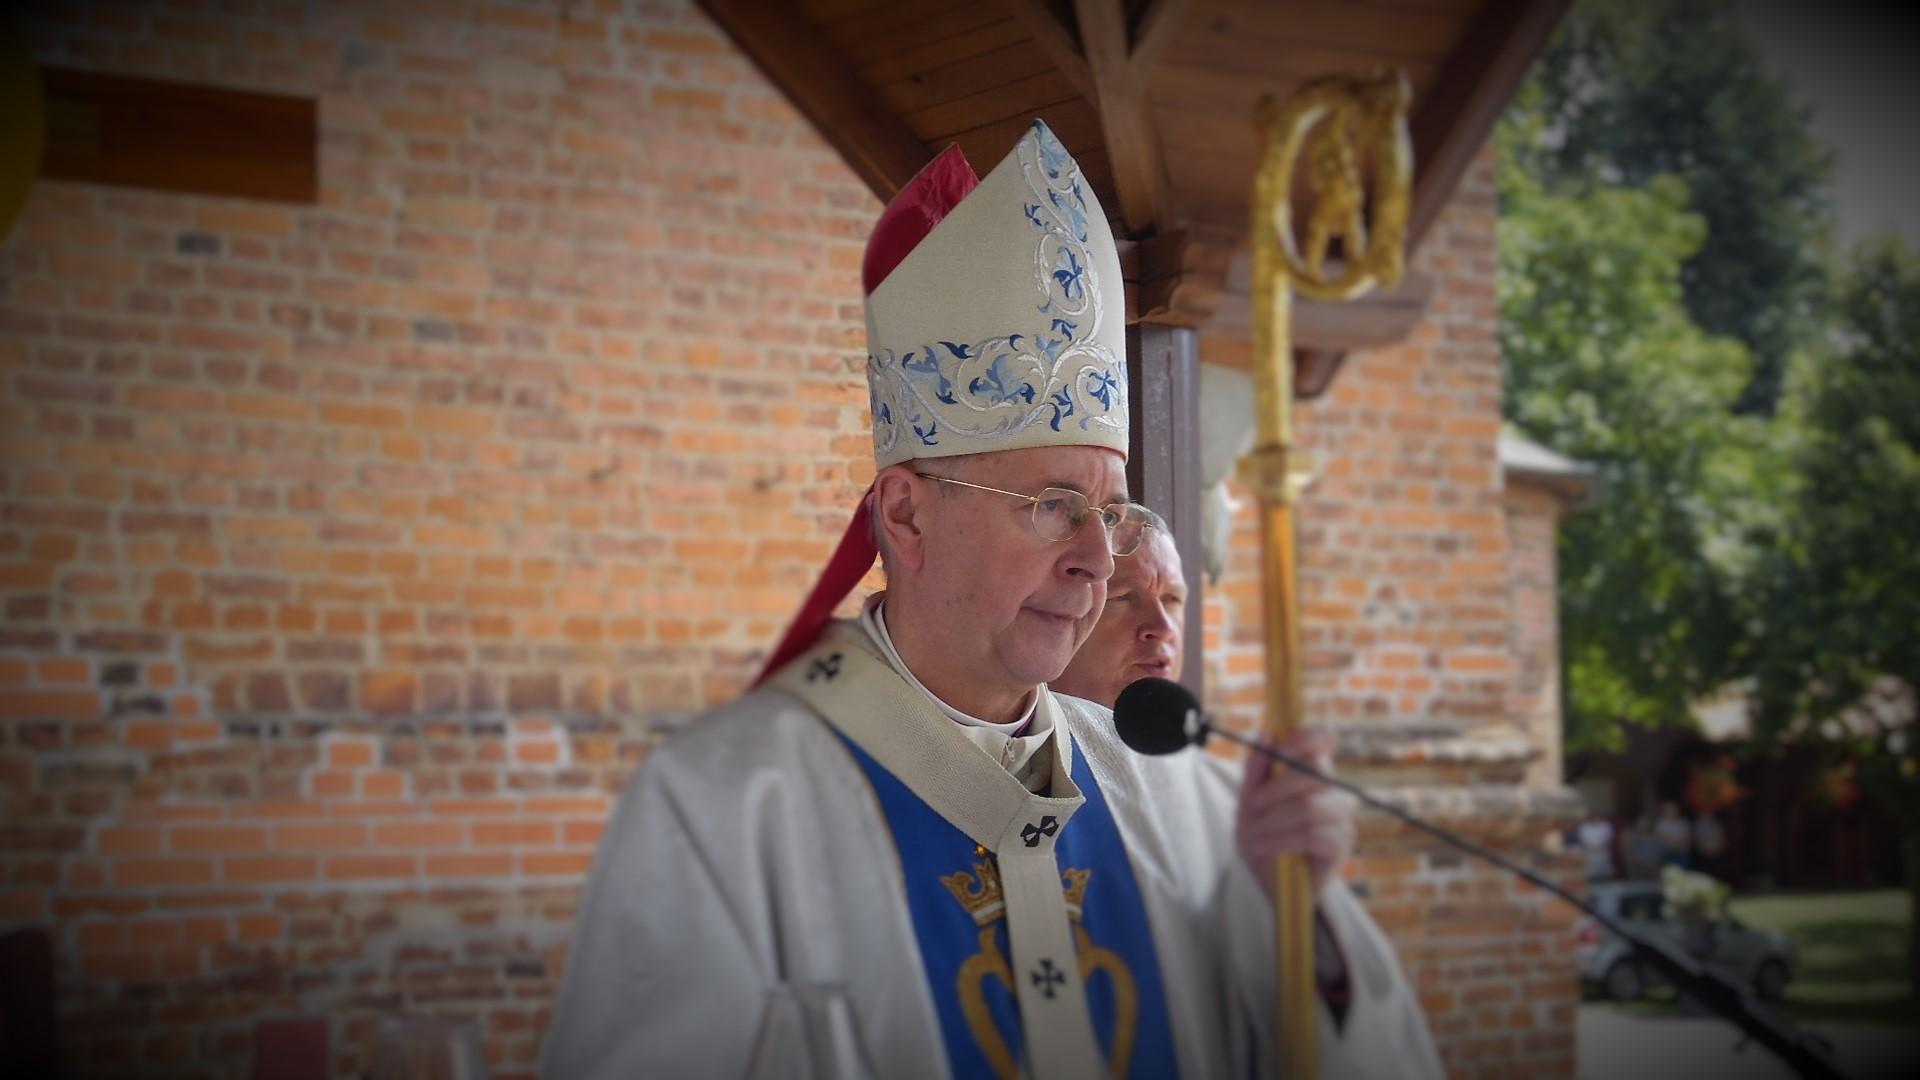 (Polski) Abp Gądecki dokona wmurowania kamienia węgielnego kościoła pw. św. Jana XXIII w Komornikach